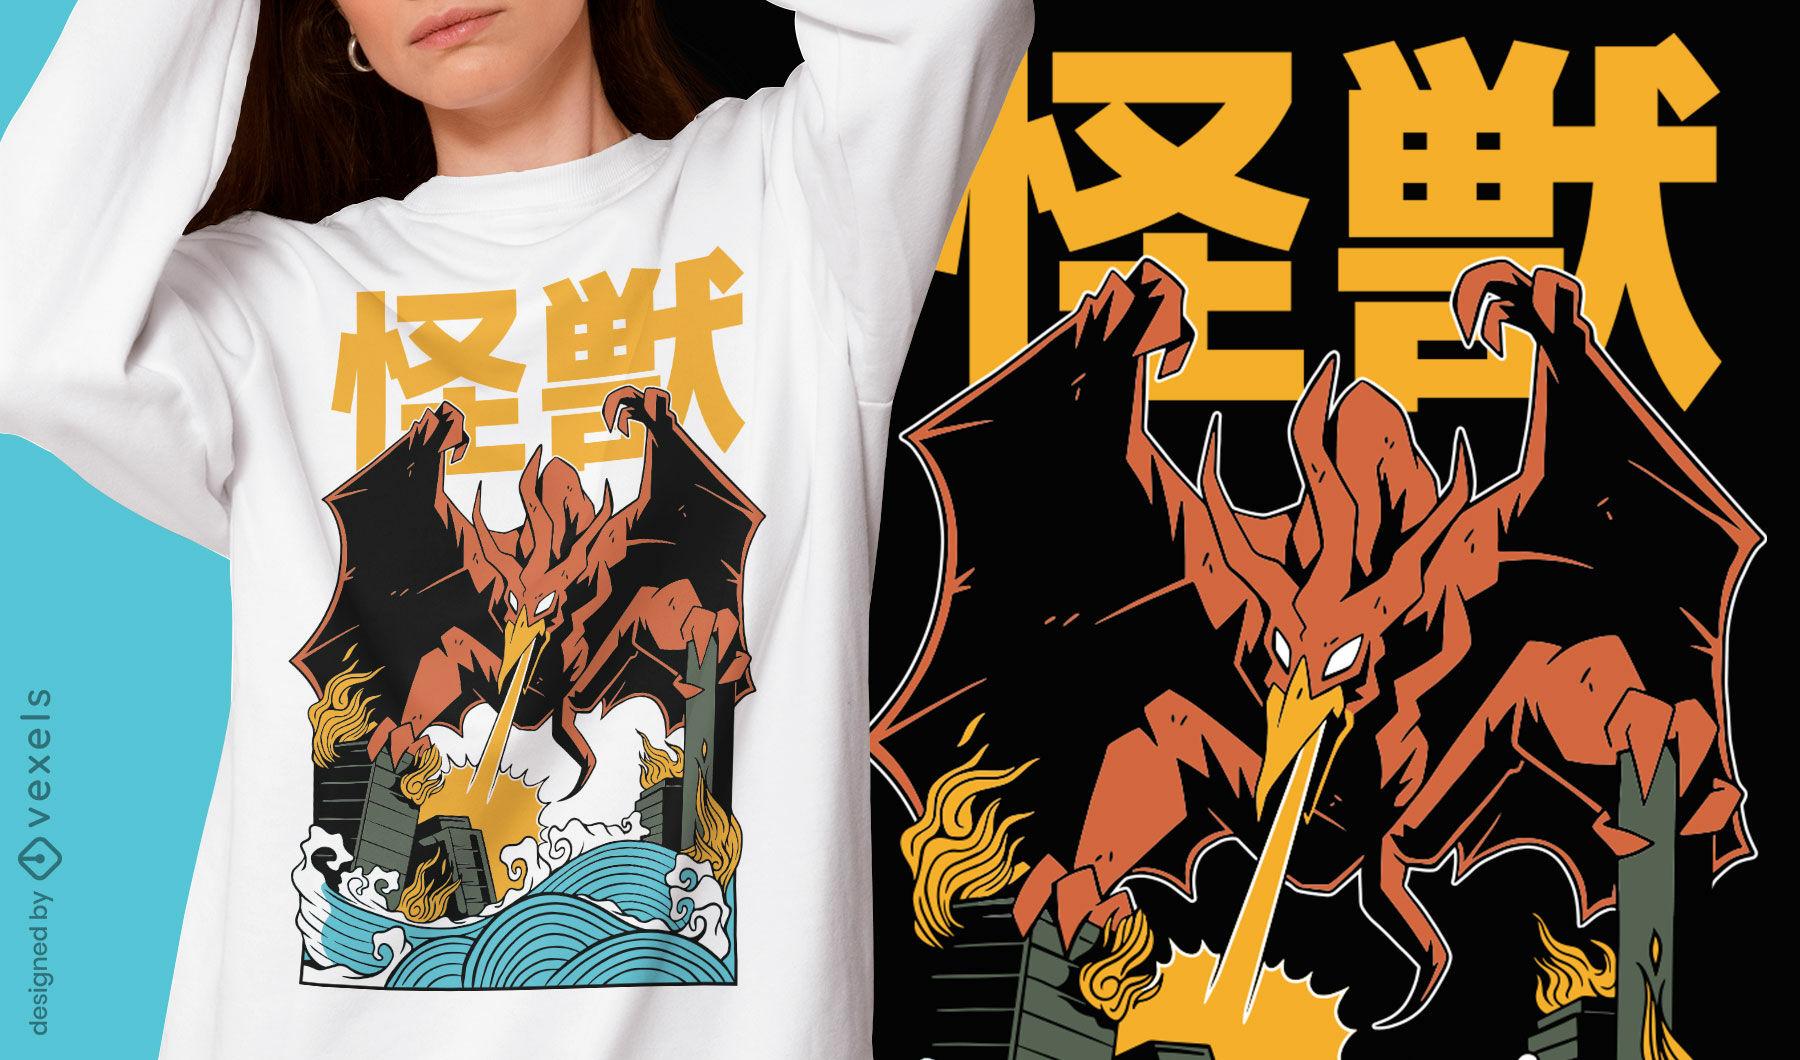 Japanese flying monster t-shirt design